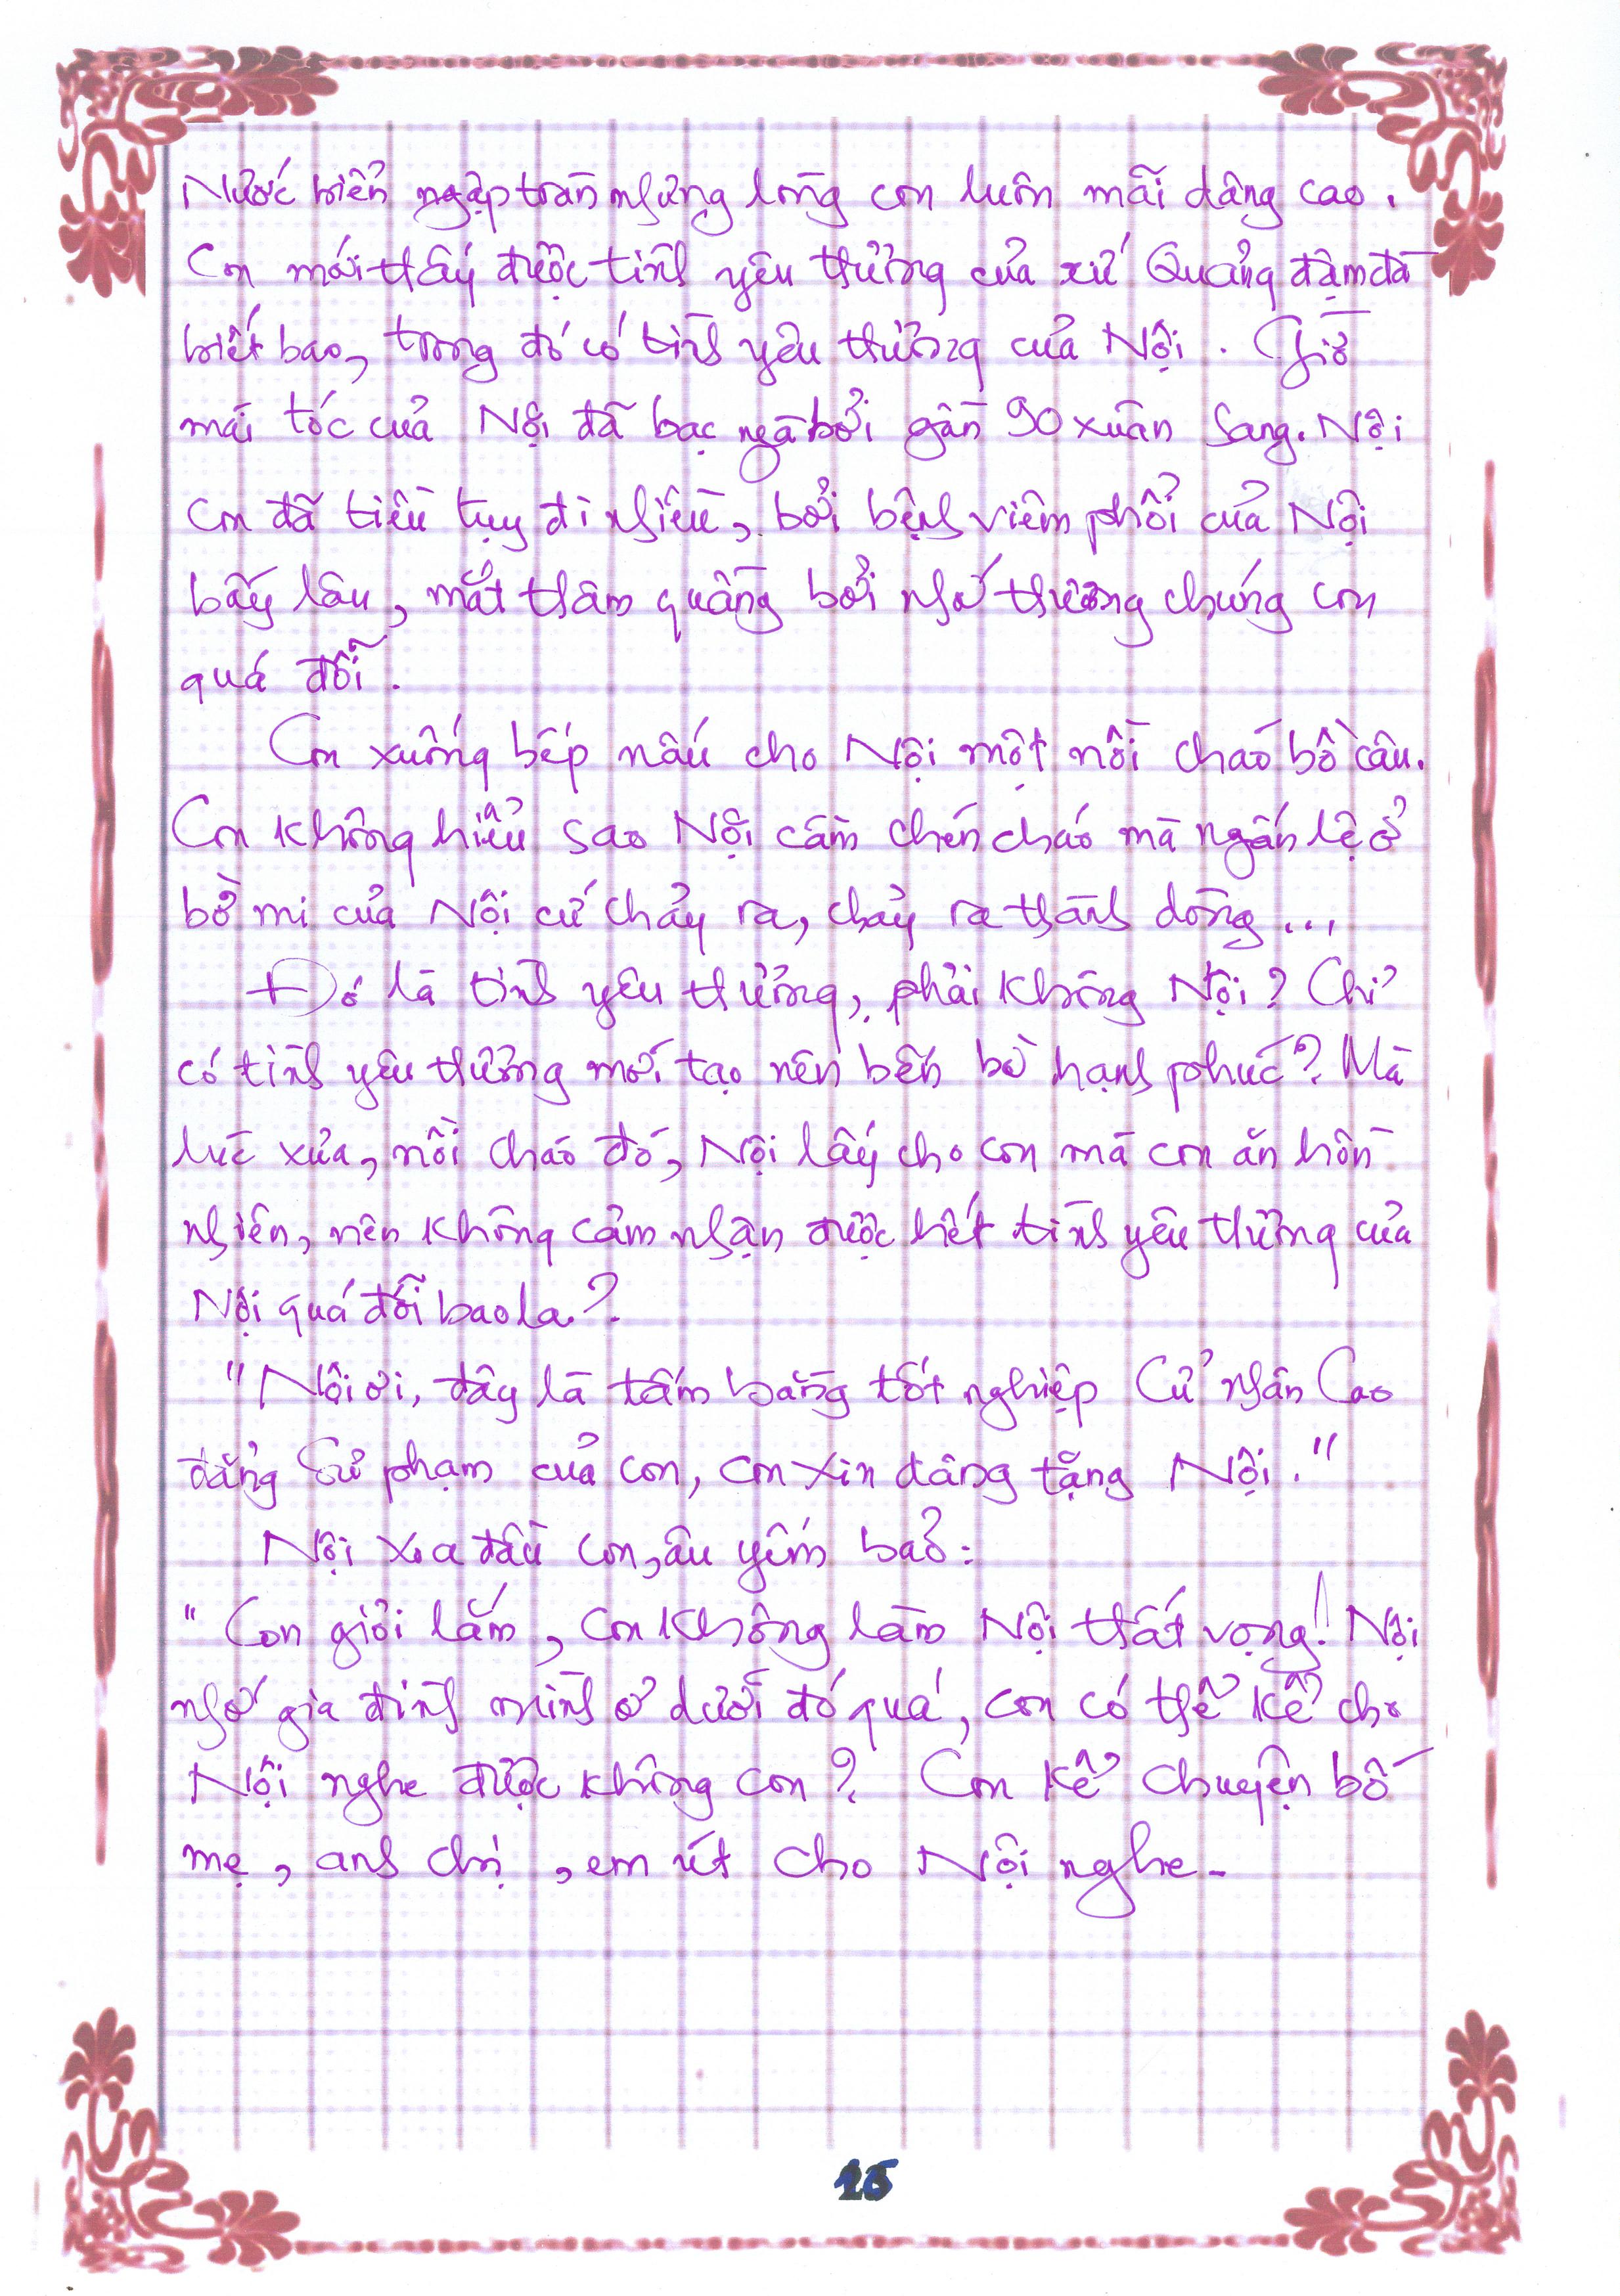 16 1 - [20/11 và những lá thư tay]: Bức thư mùa thu gửi Nội...